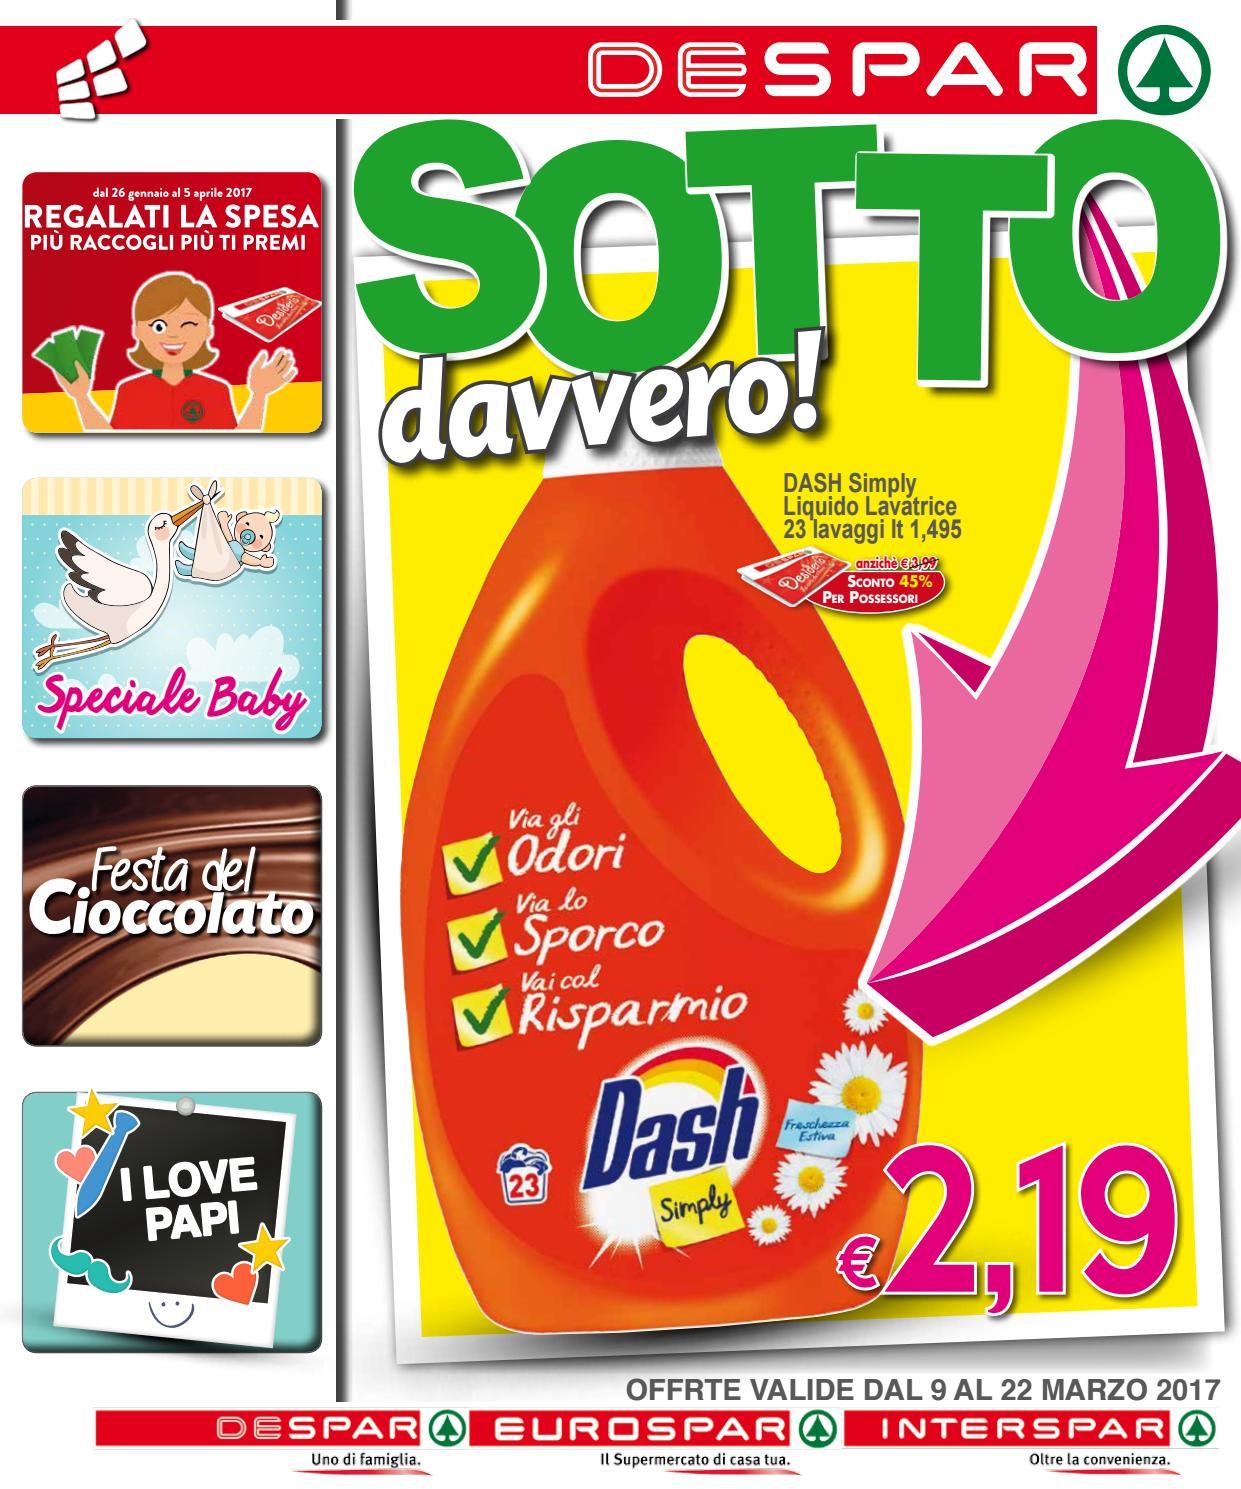 Volantino despar eurospar interspar dal 9 al 22 marzo for Volantino offerte despar messina